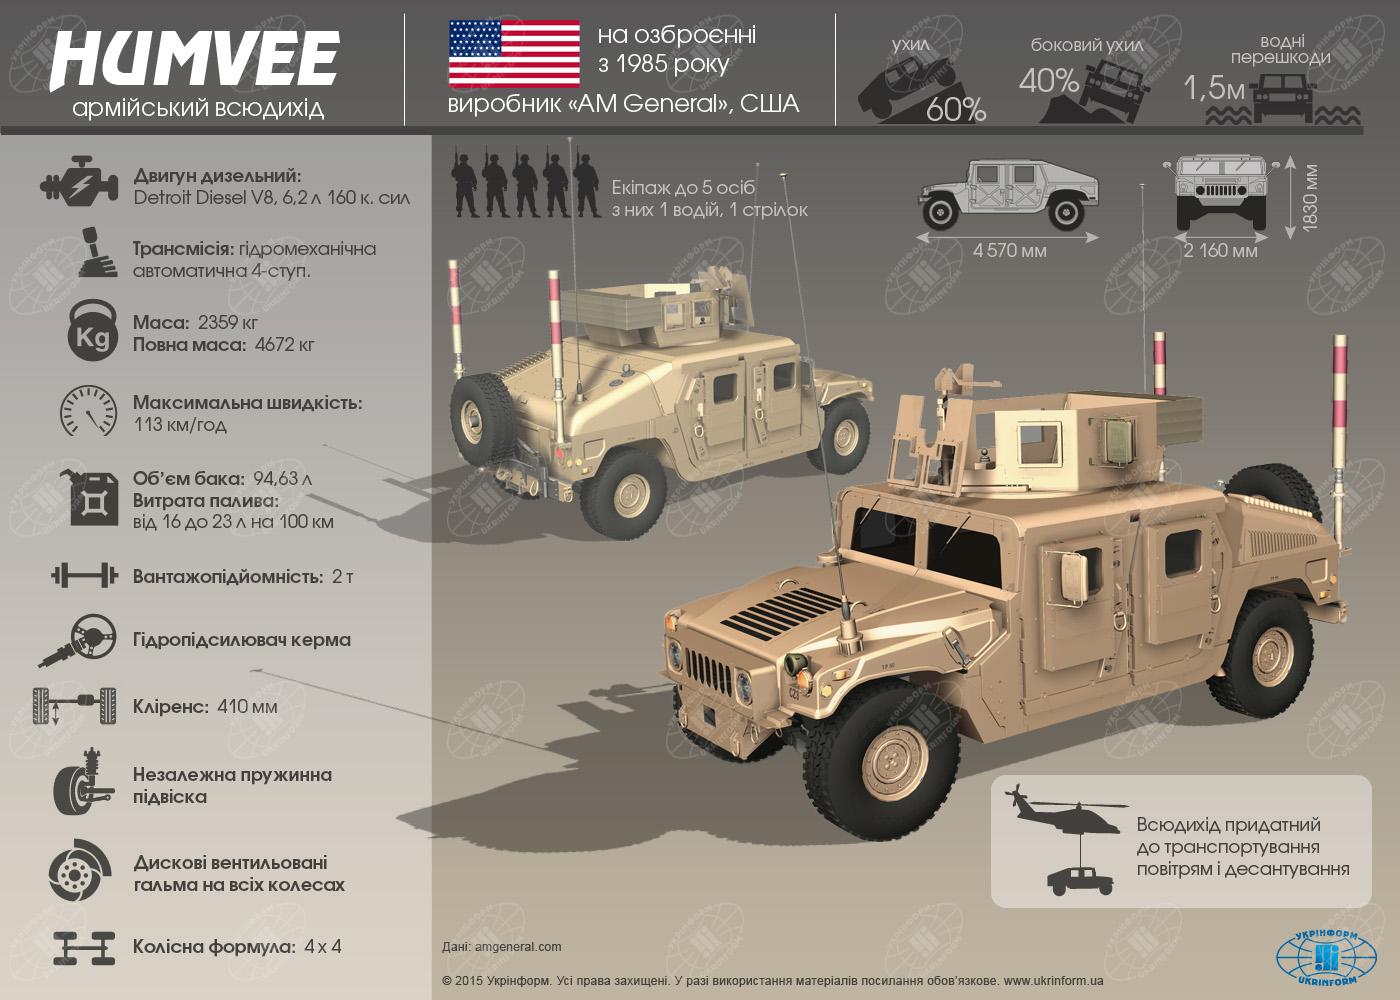 Особенности внедорожника Humvee